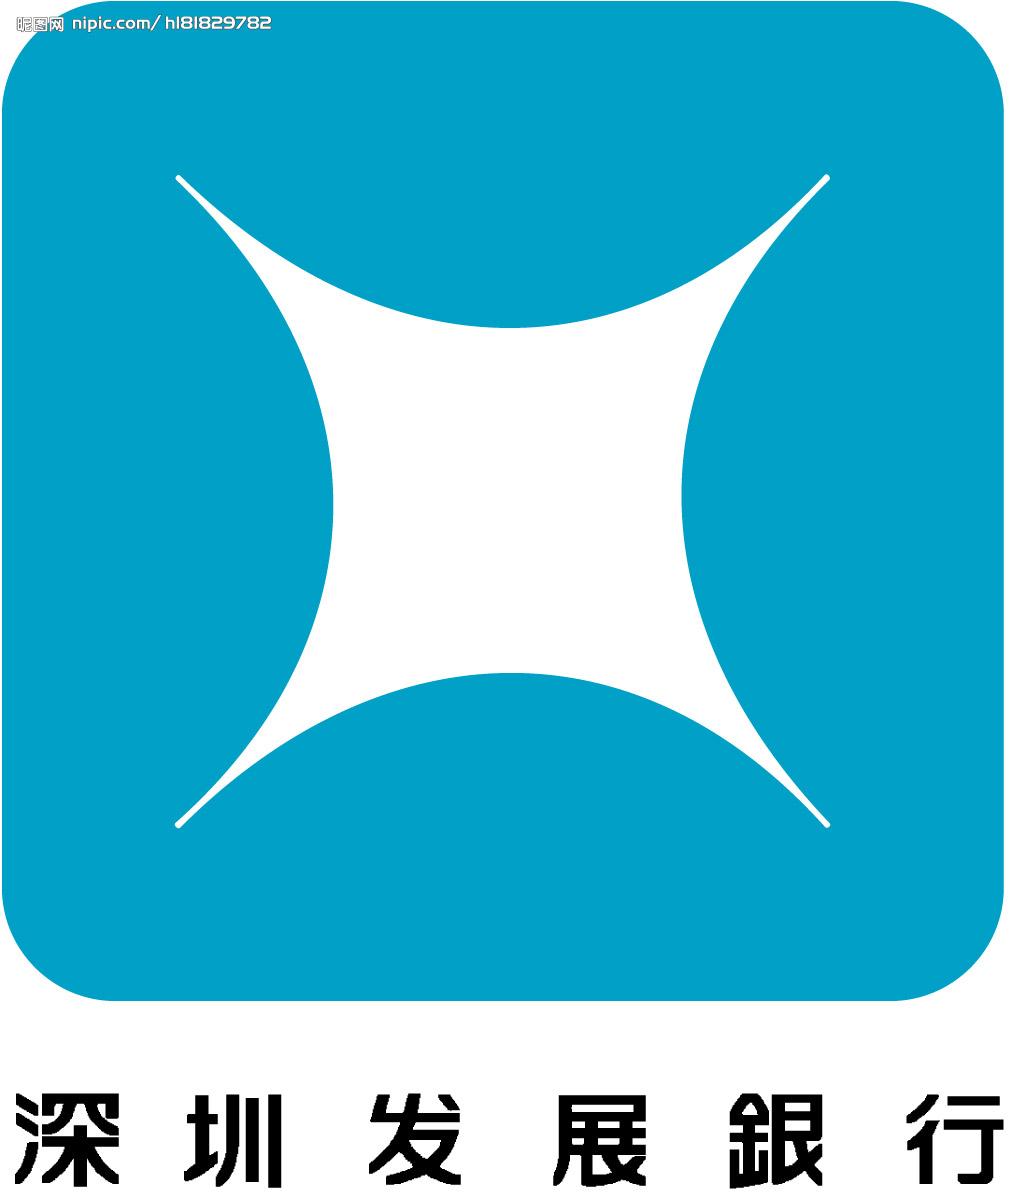 深圳发展银行已完成吸收合并平安银行的所有法律手续